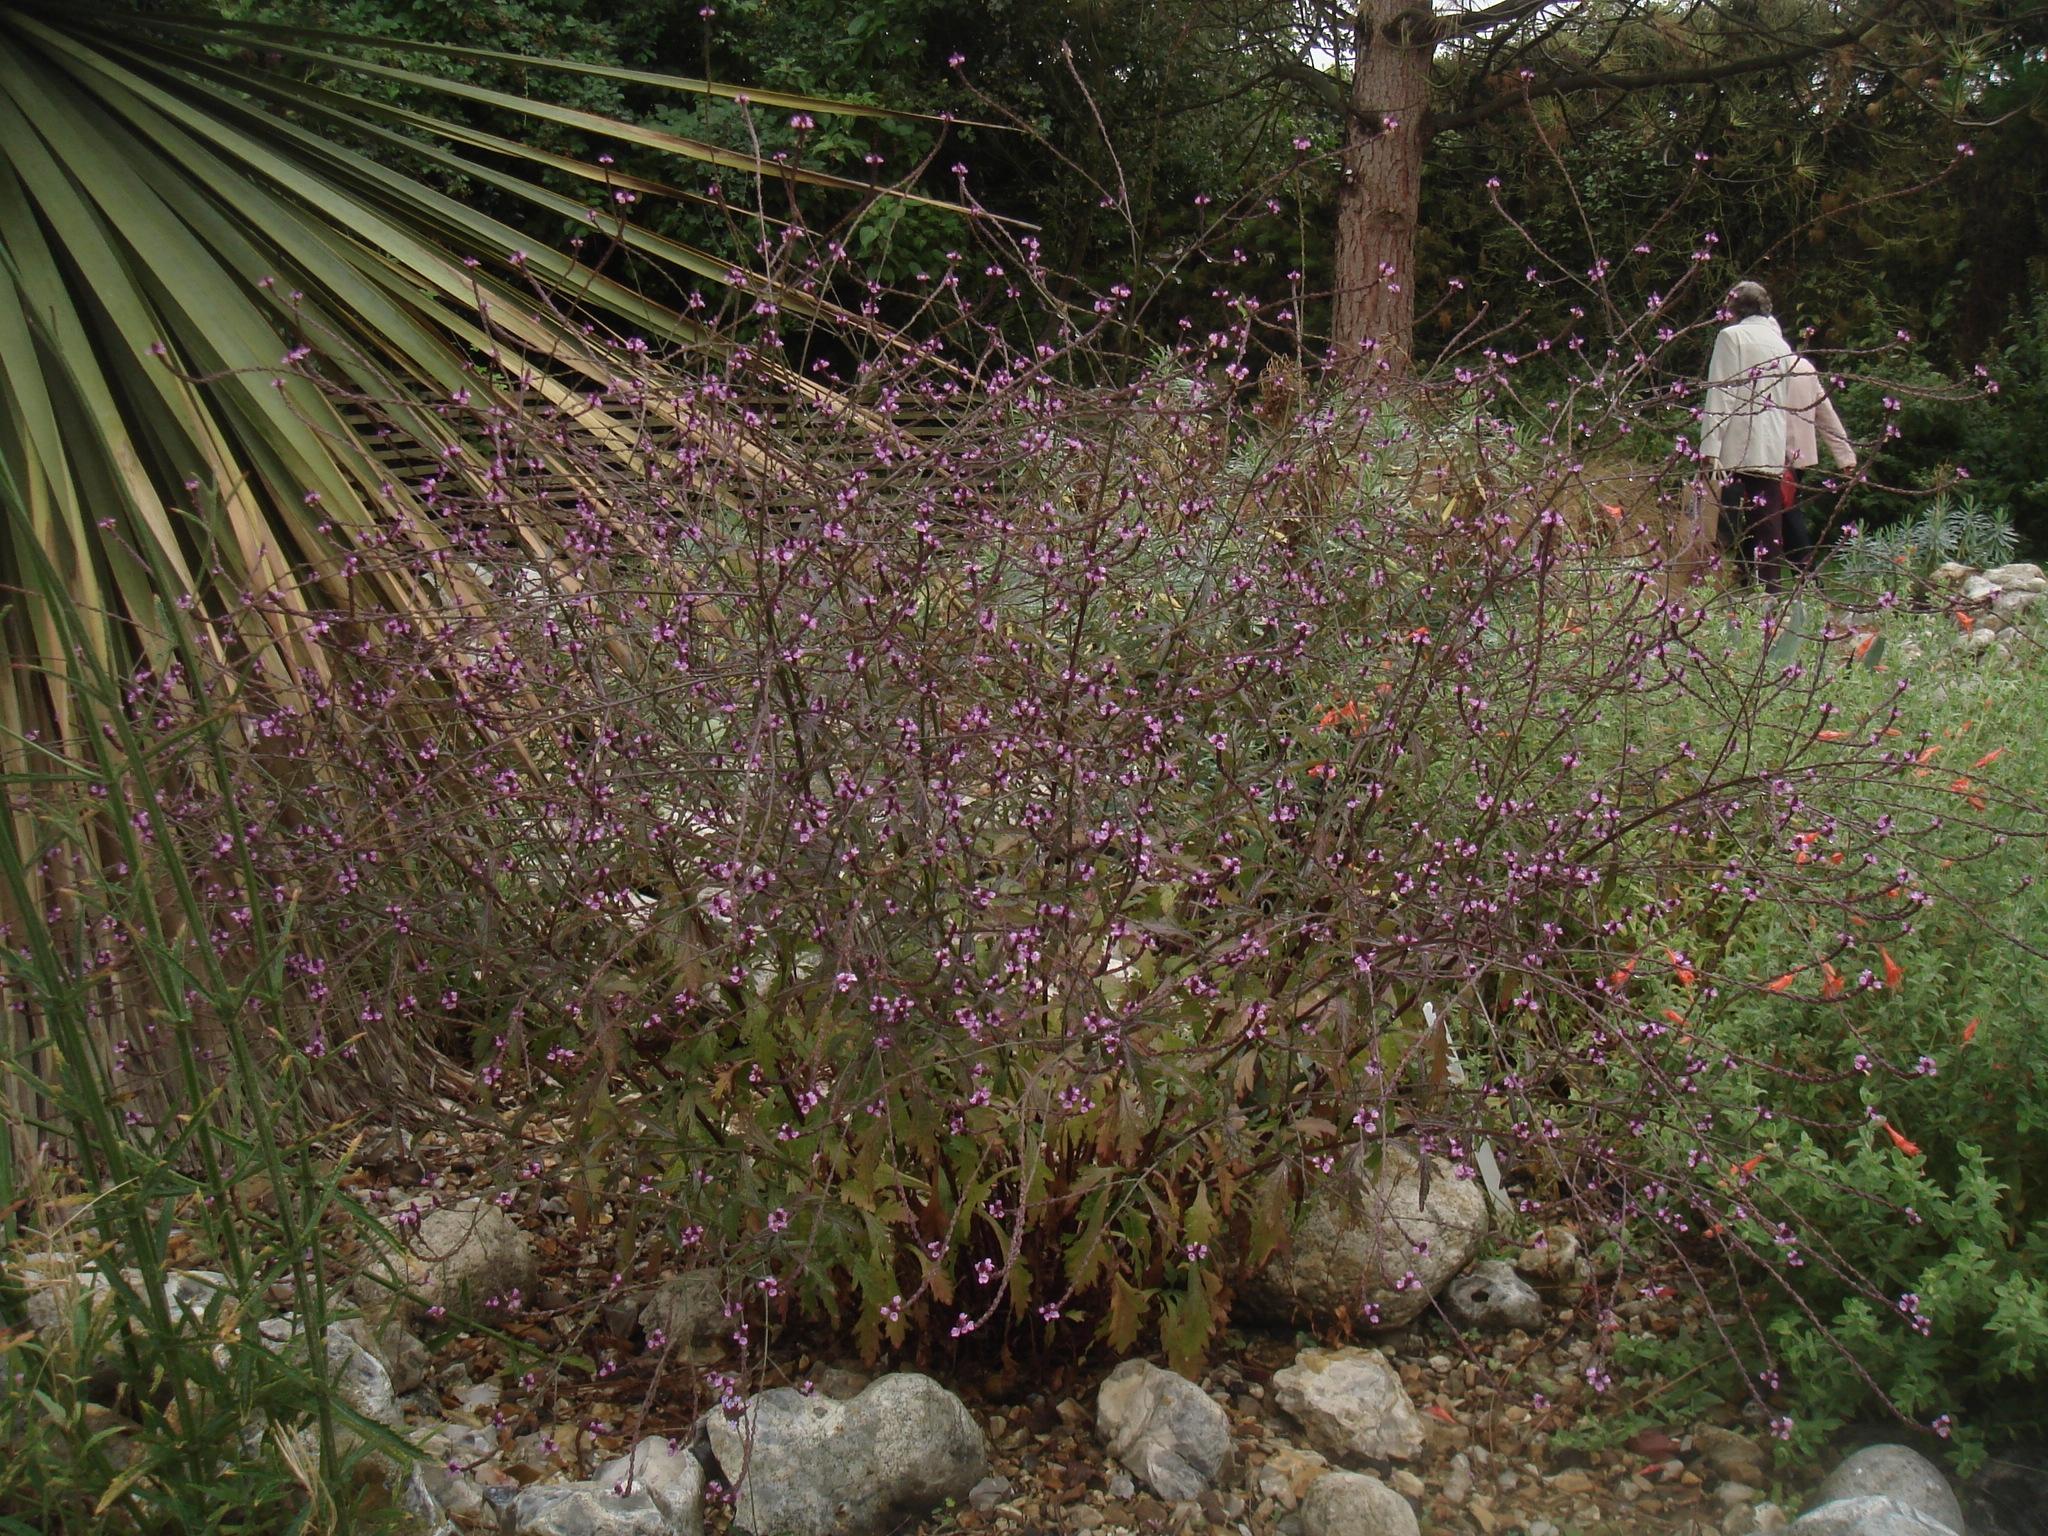 Pflanze des Monats September: Eisenkraut